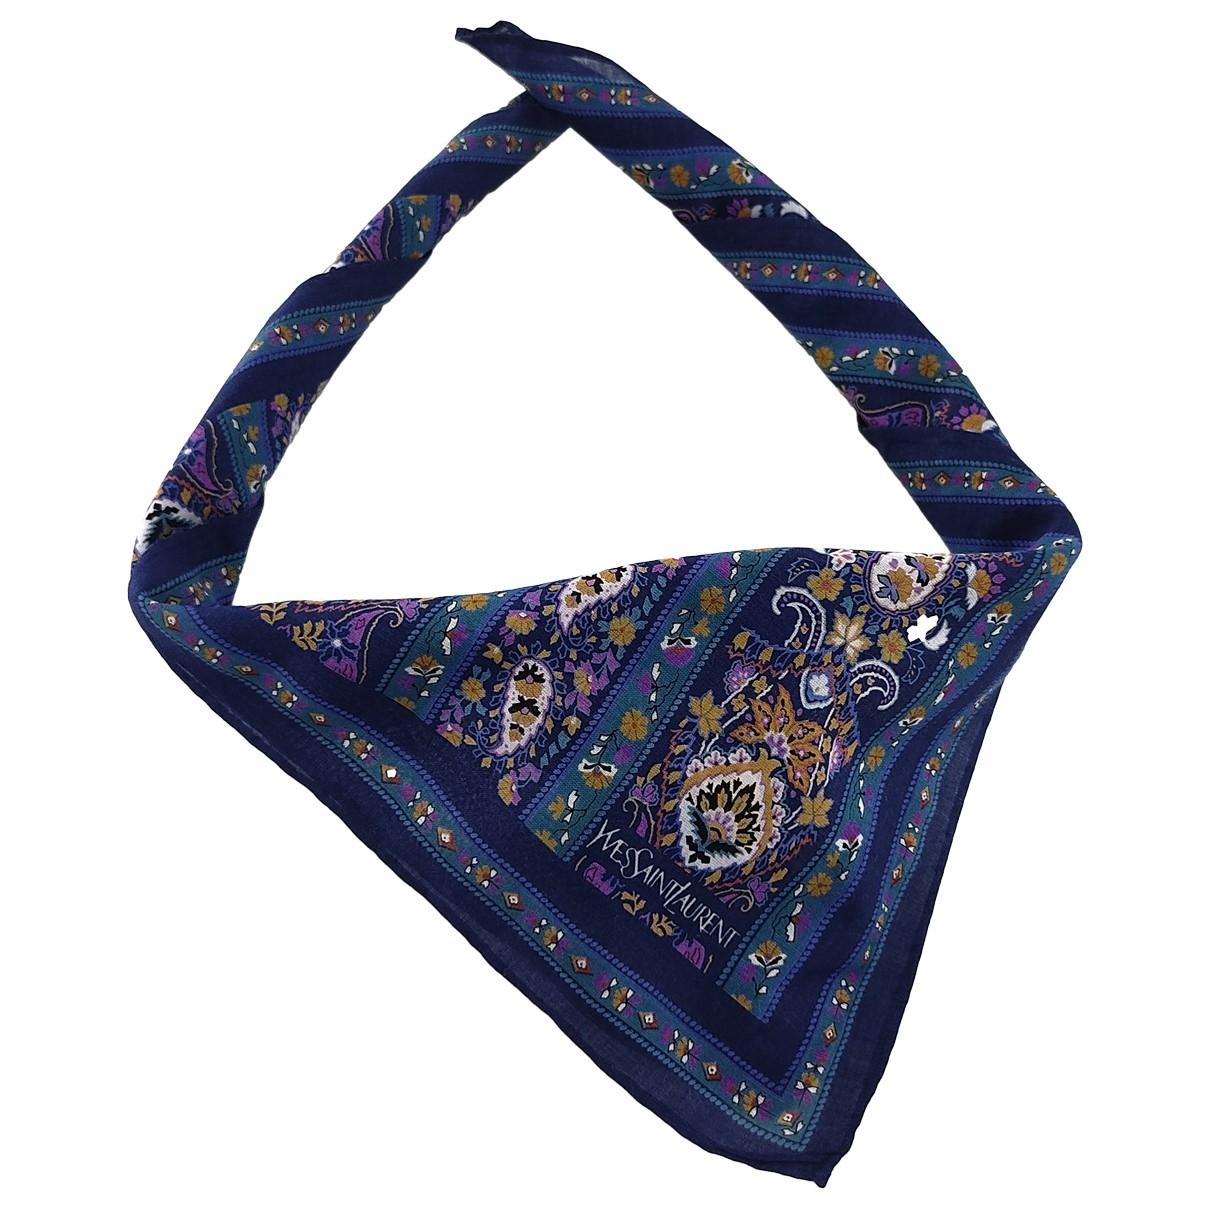 Yves Saint Laurent \N Blue Cotton scarf & pocket squares for Men \N